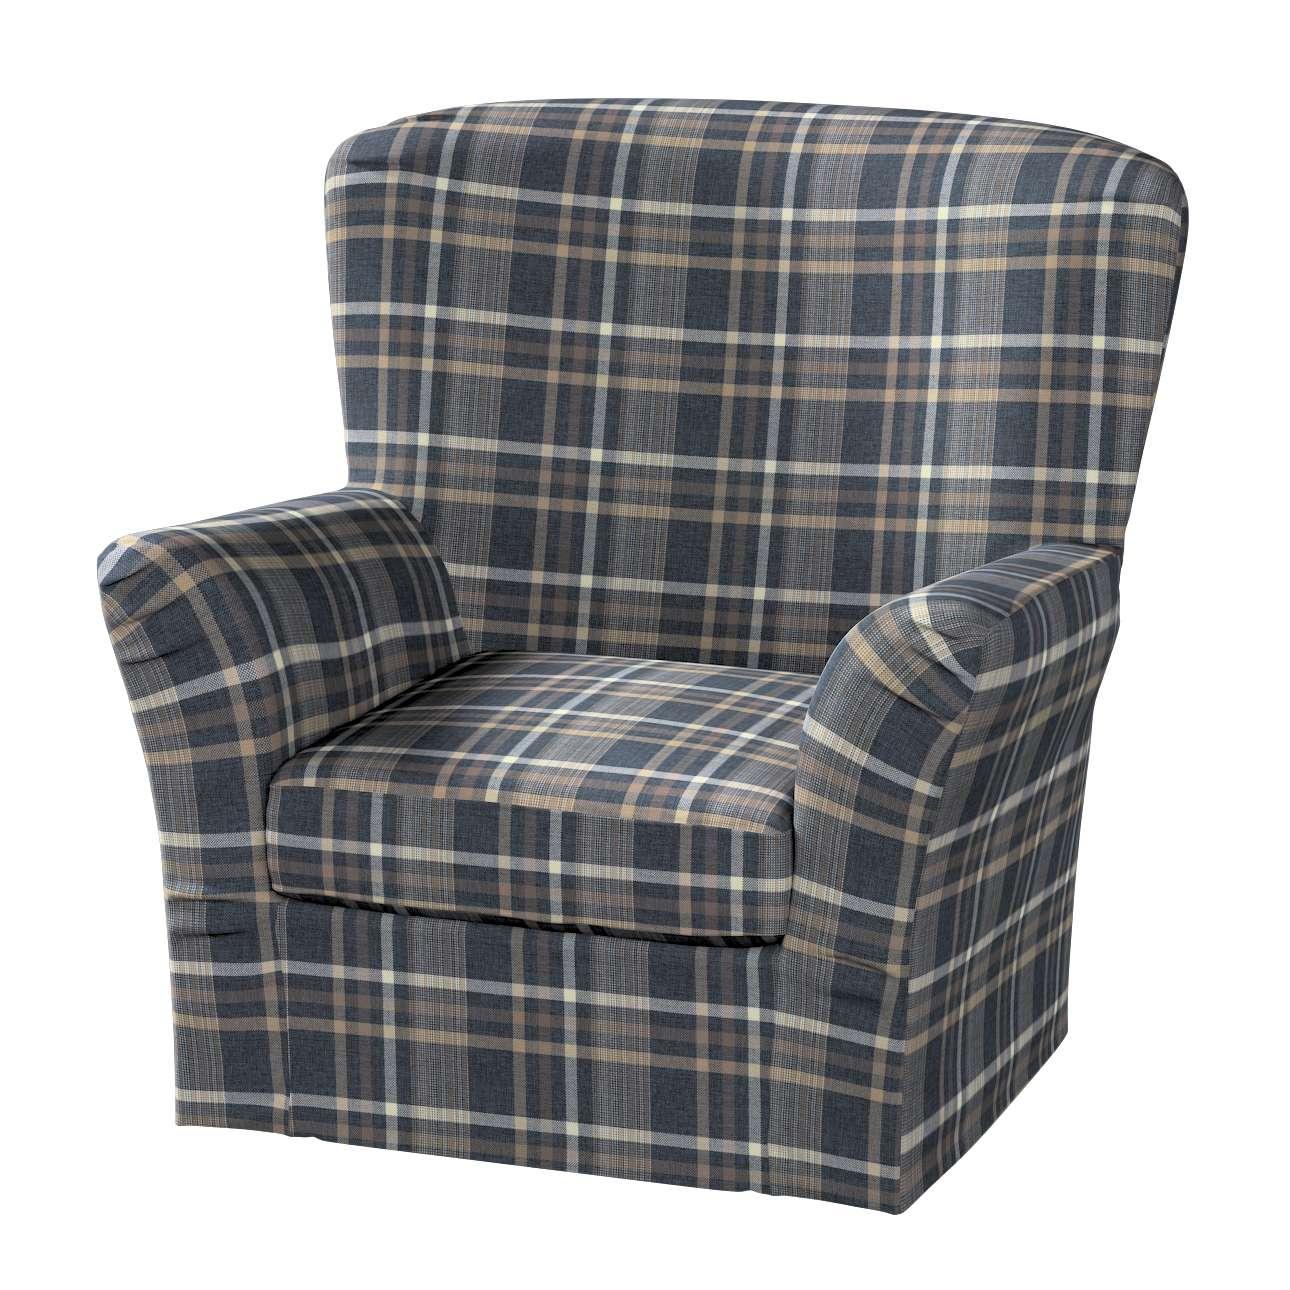 Pokrowiec na fotel Tomelilla z zakładkami w kolekcji Edinburgh, tkanina: 703-16